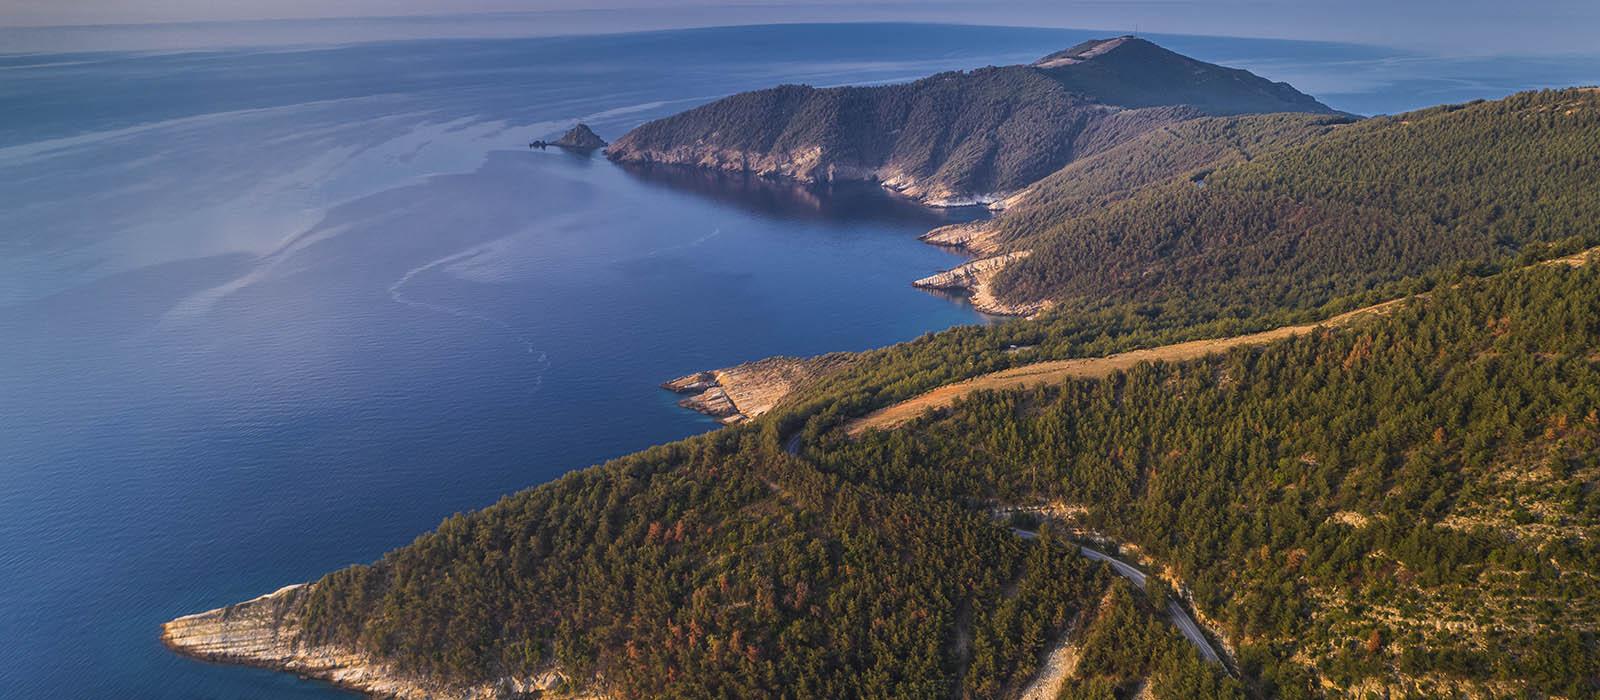 Vyrážíme obytným autem na řecké ostrovy